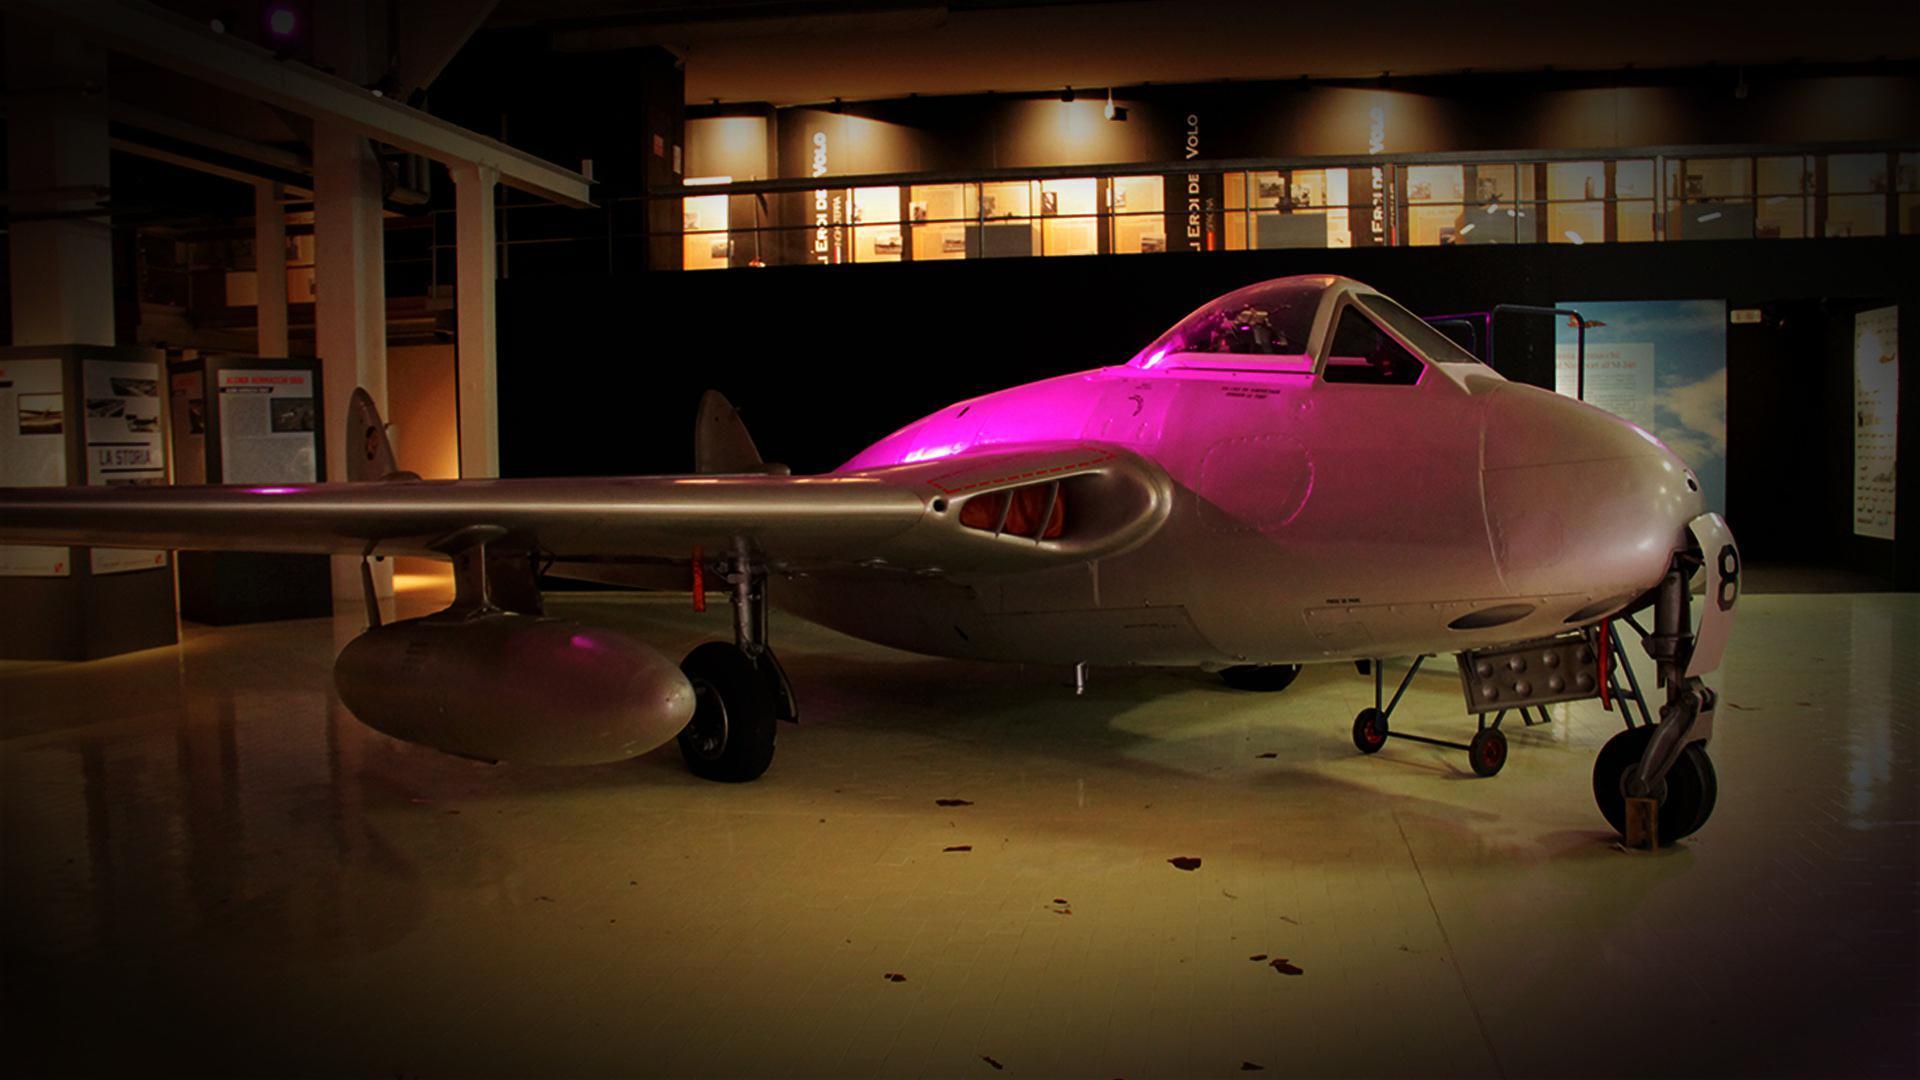 museo-volo-volandia-70